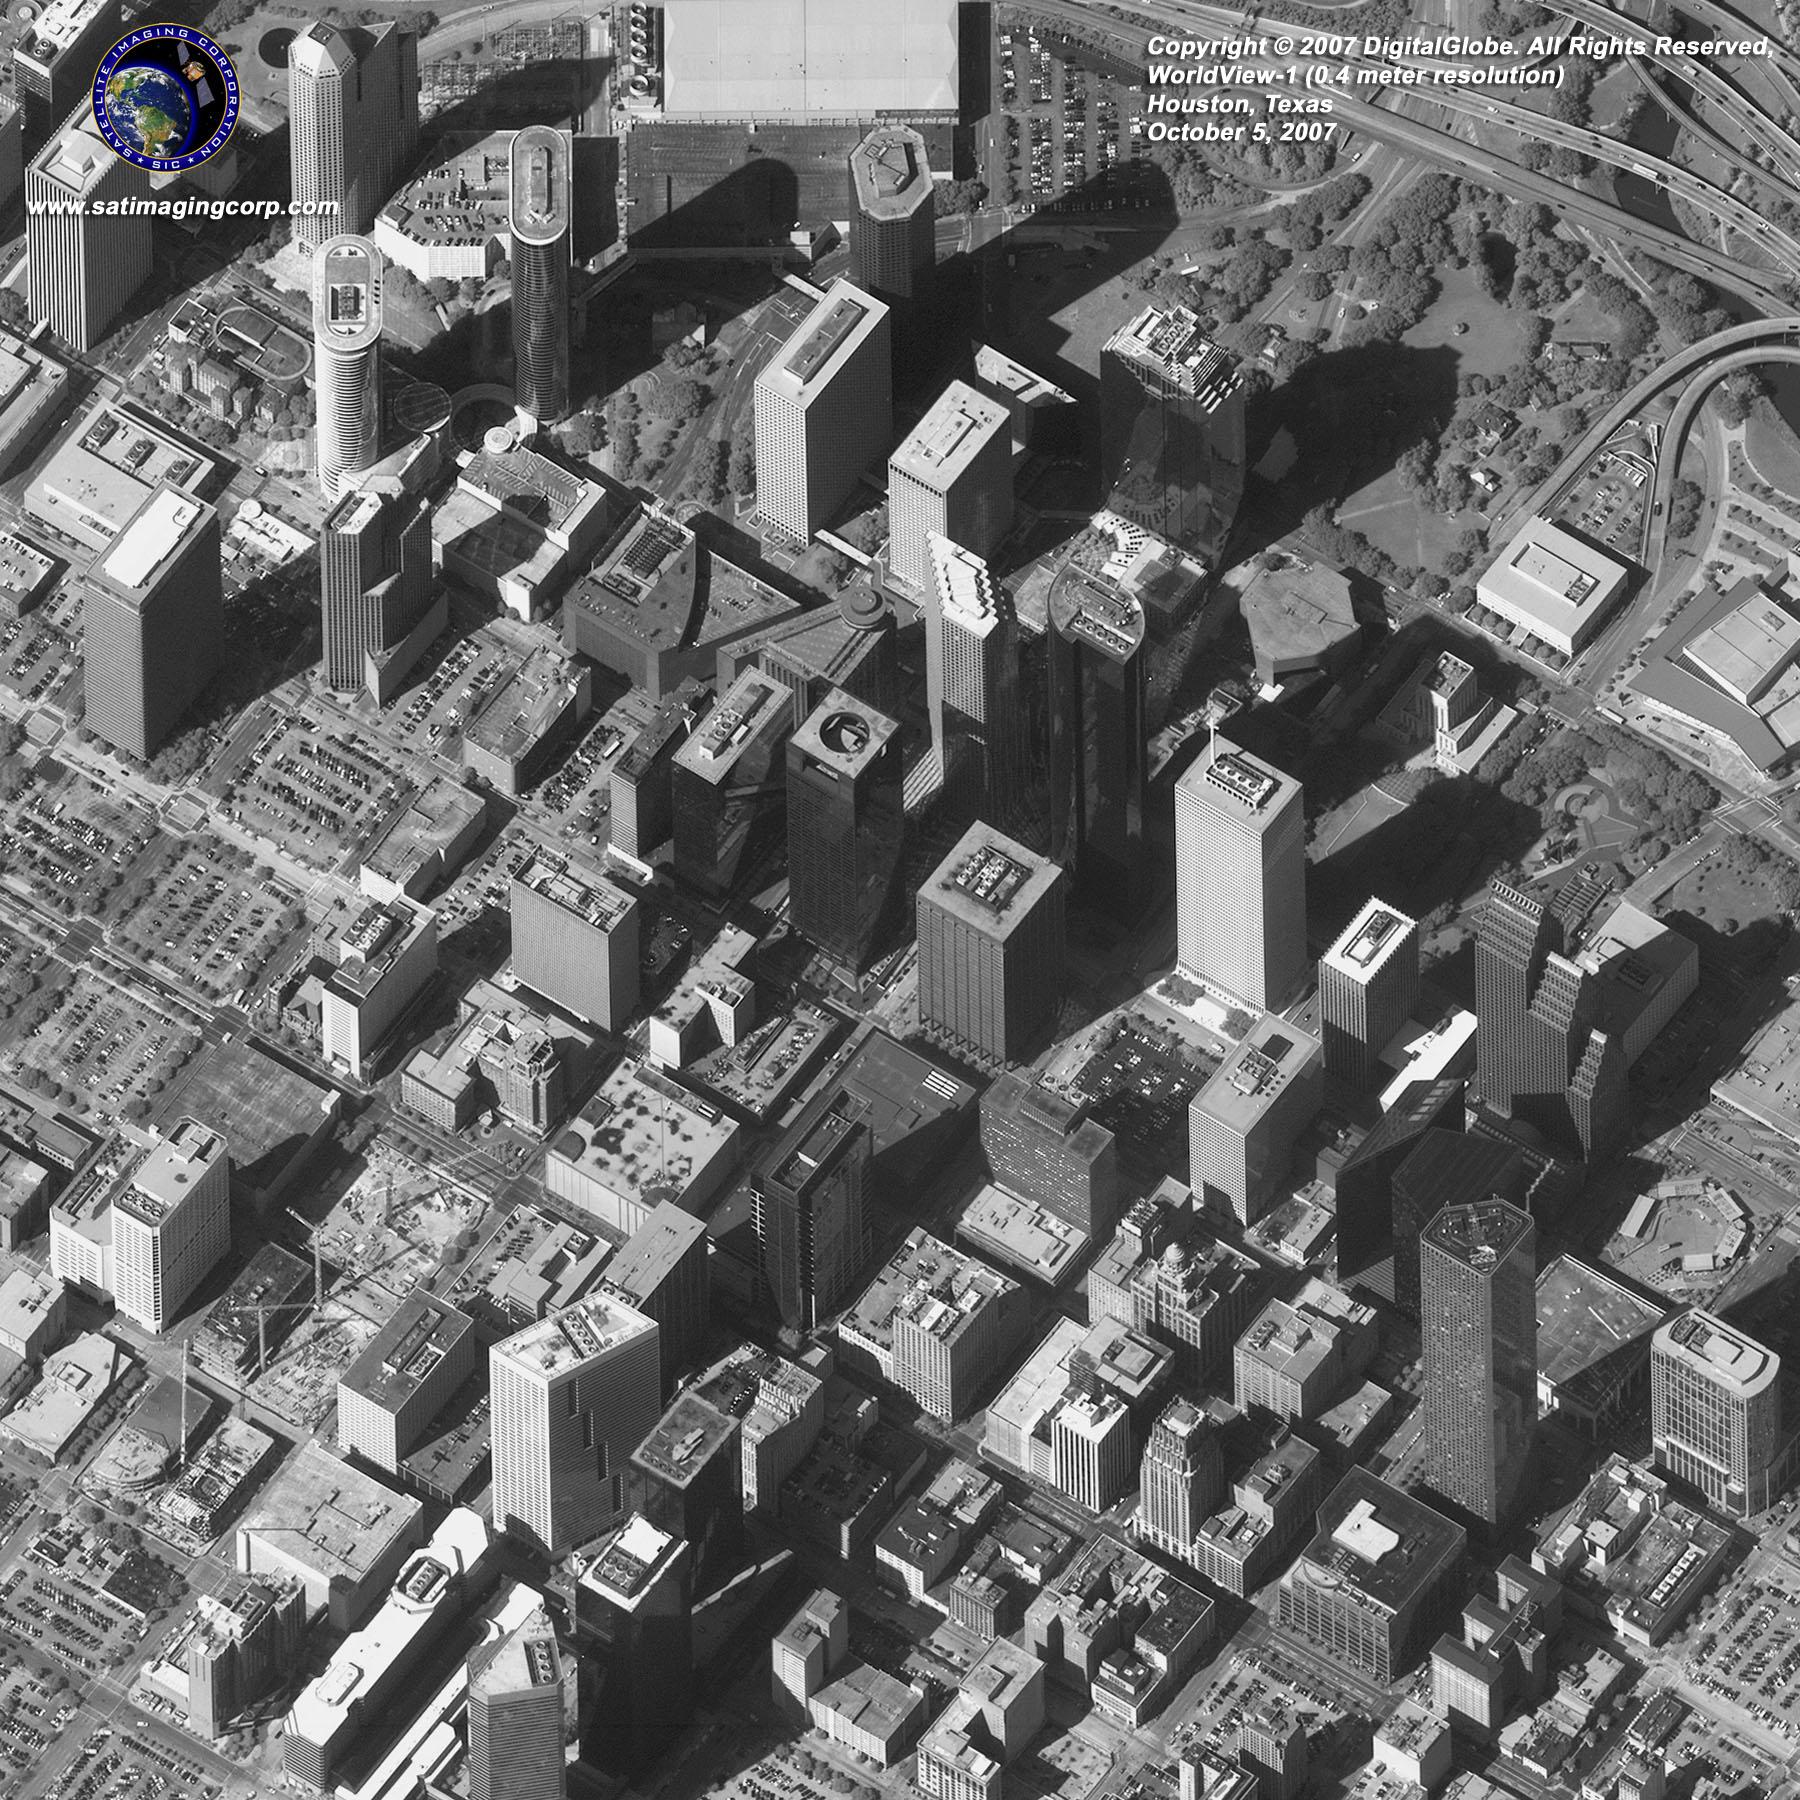 Houston Texas USA WorldView 1 Satellite Sensor